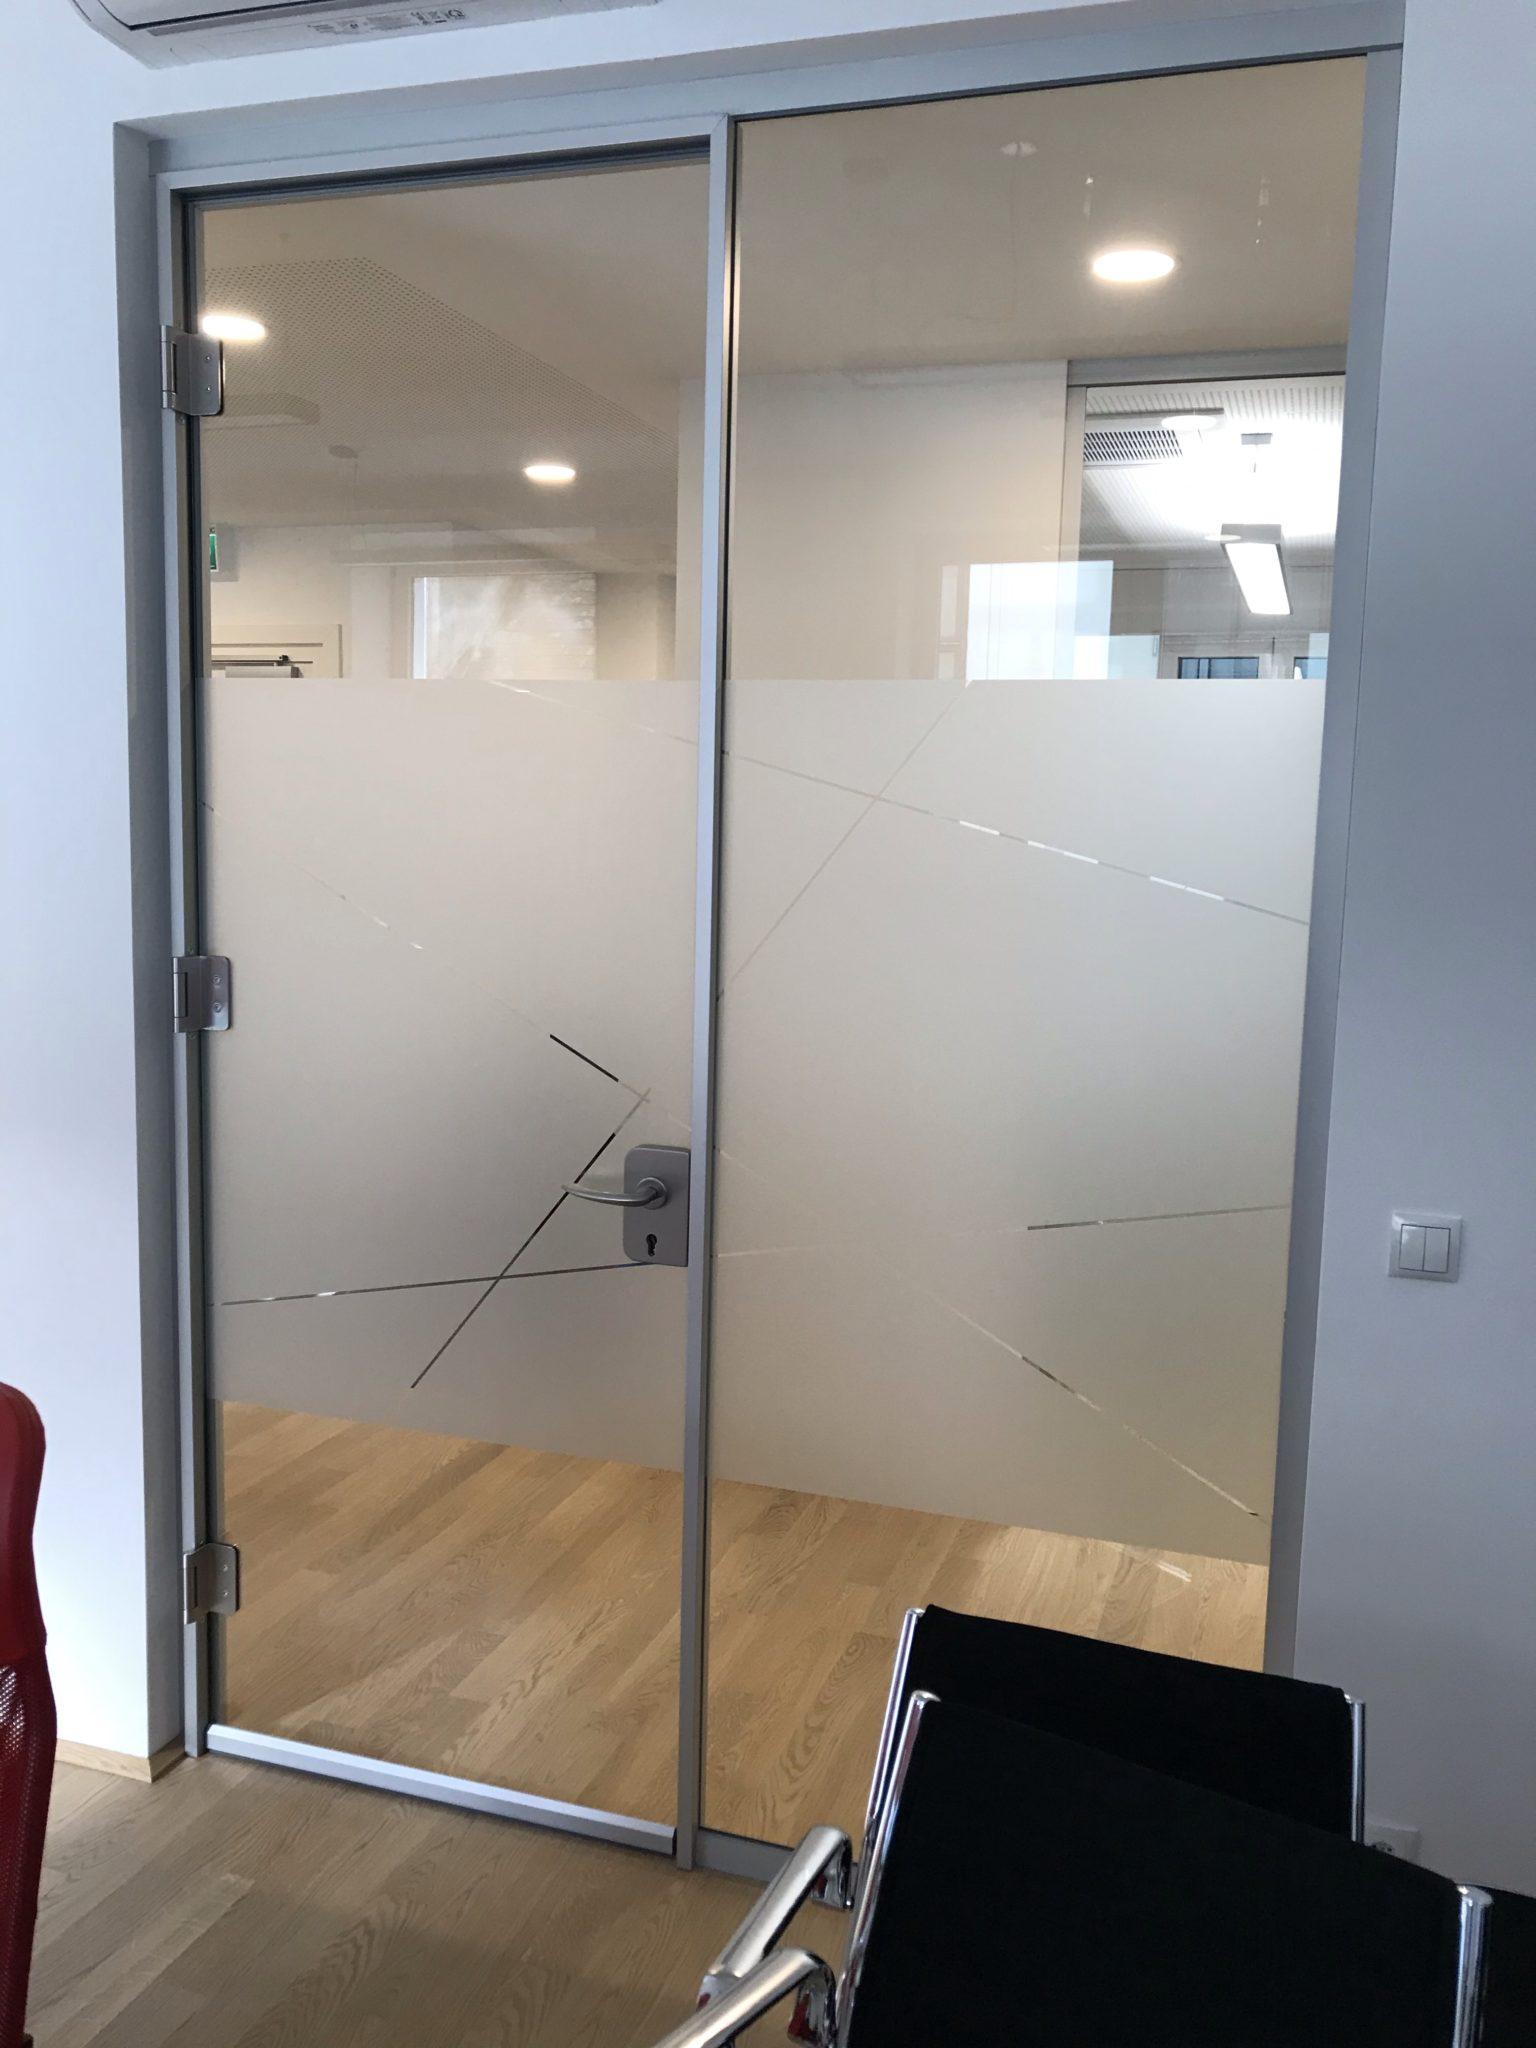 Sichtschutz auf Glas